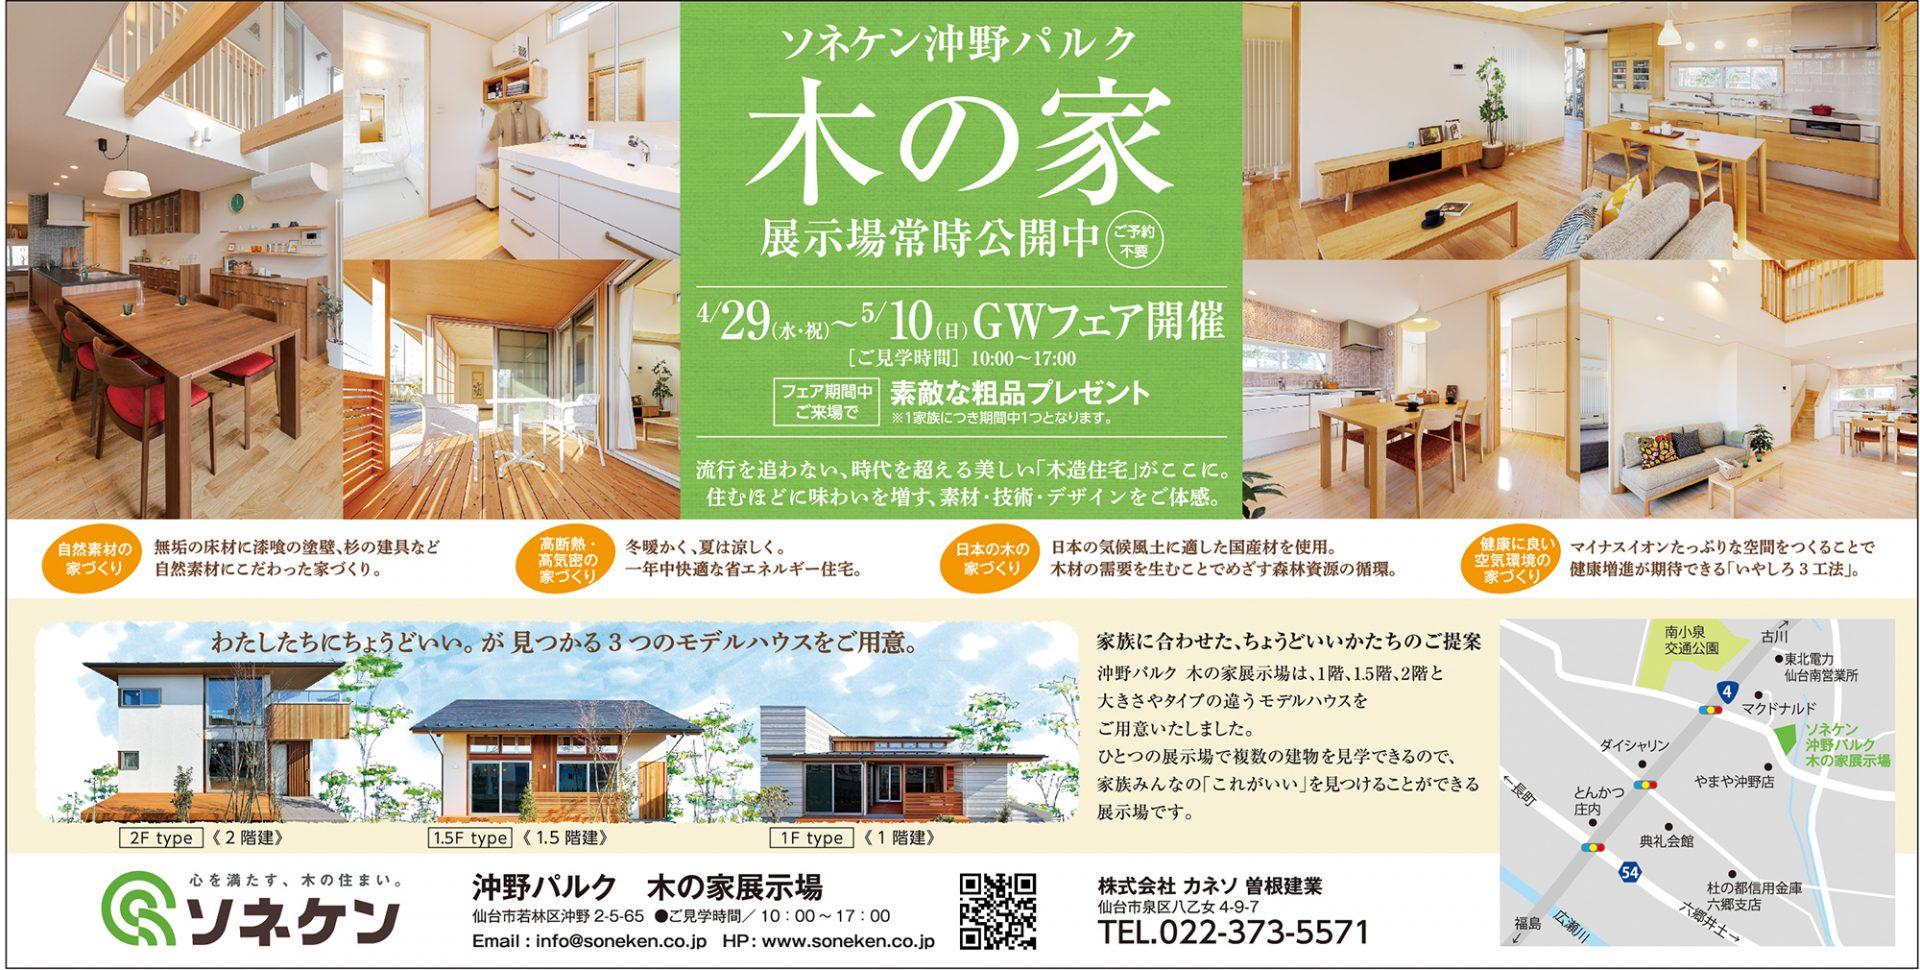 ご予約不要!『ソネケン』沖野パルク「木の家展示場」常時公開中!